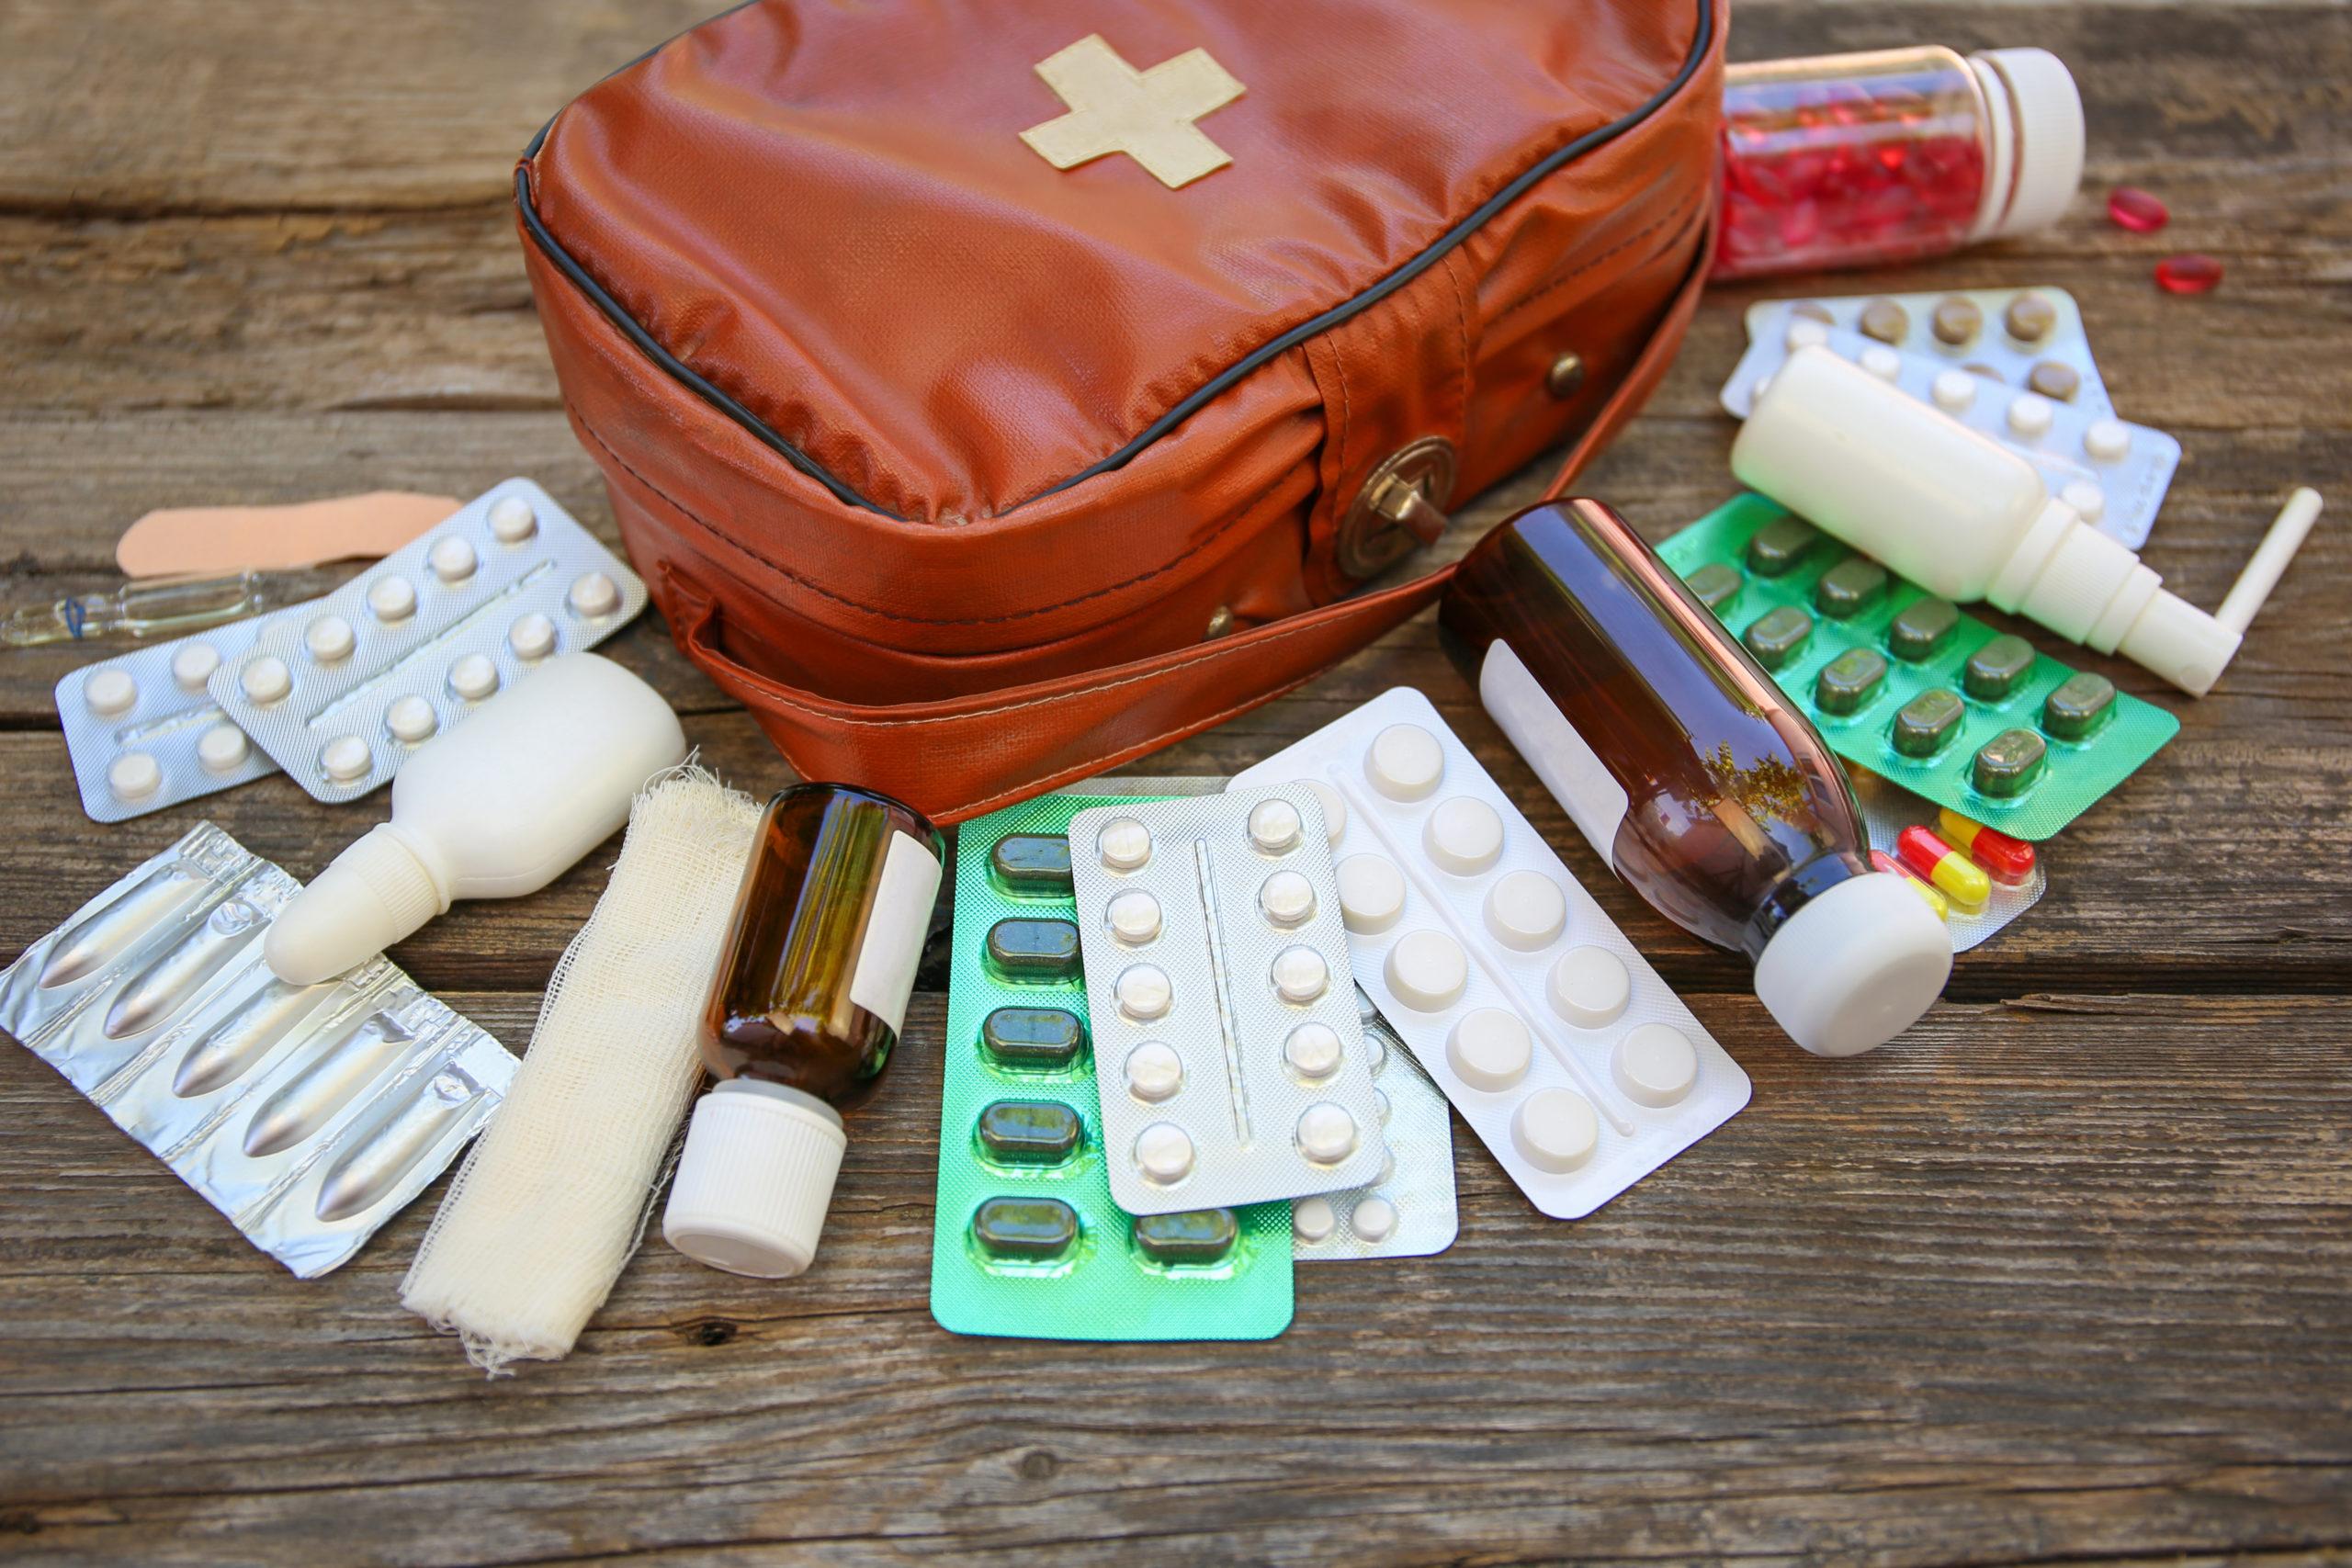 Eine Reiseapotheke in Form einer Erste-Hilfe-Tasche liegt auf Holz, davor liegen Tabletten, Zäpfchen, Medikamentenflaschen und Verbandszeug.